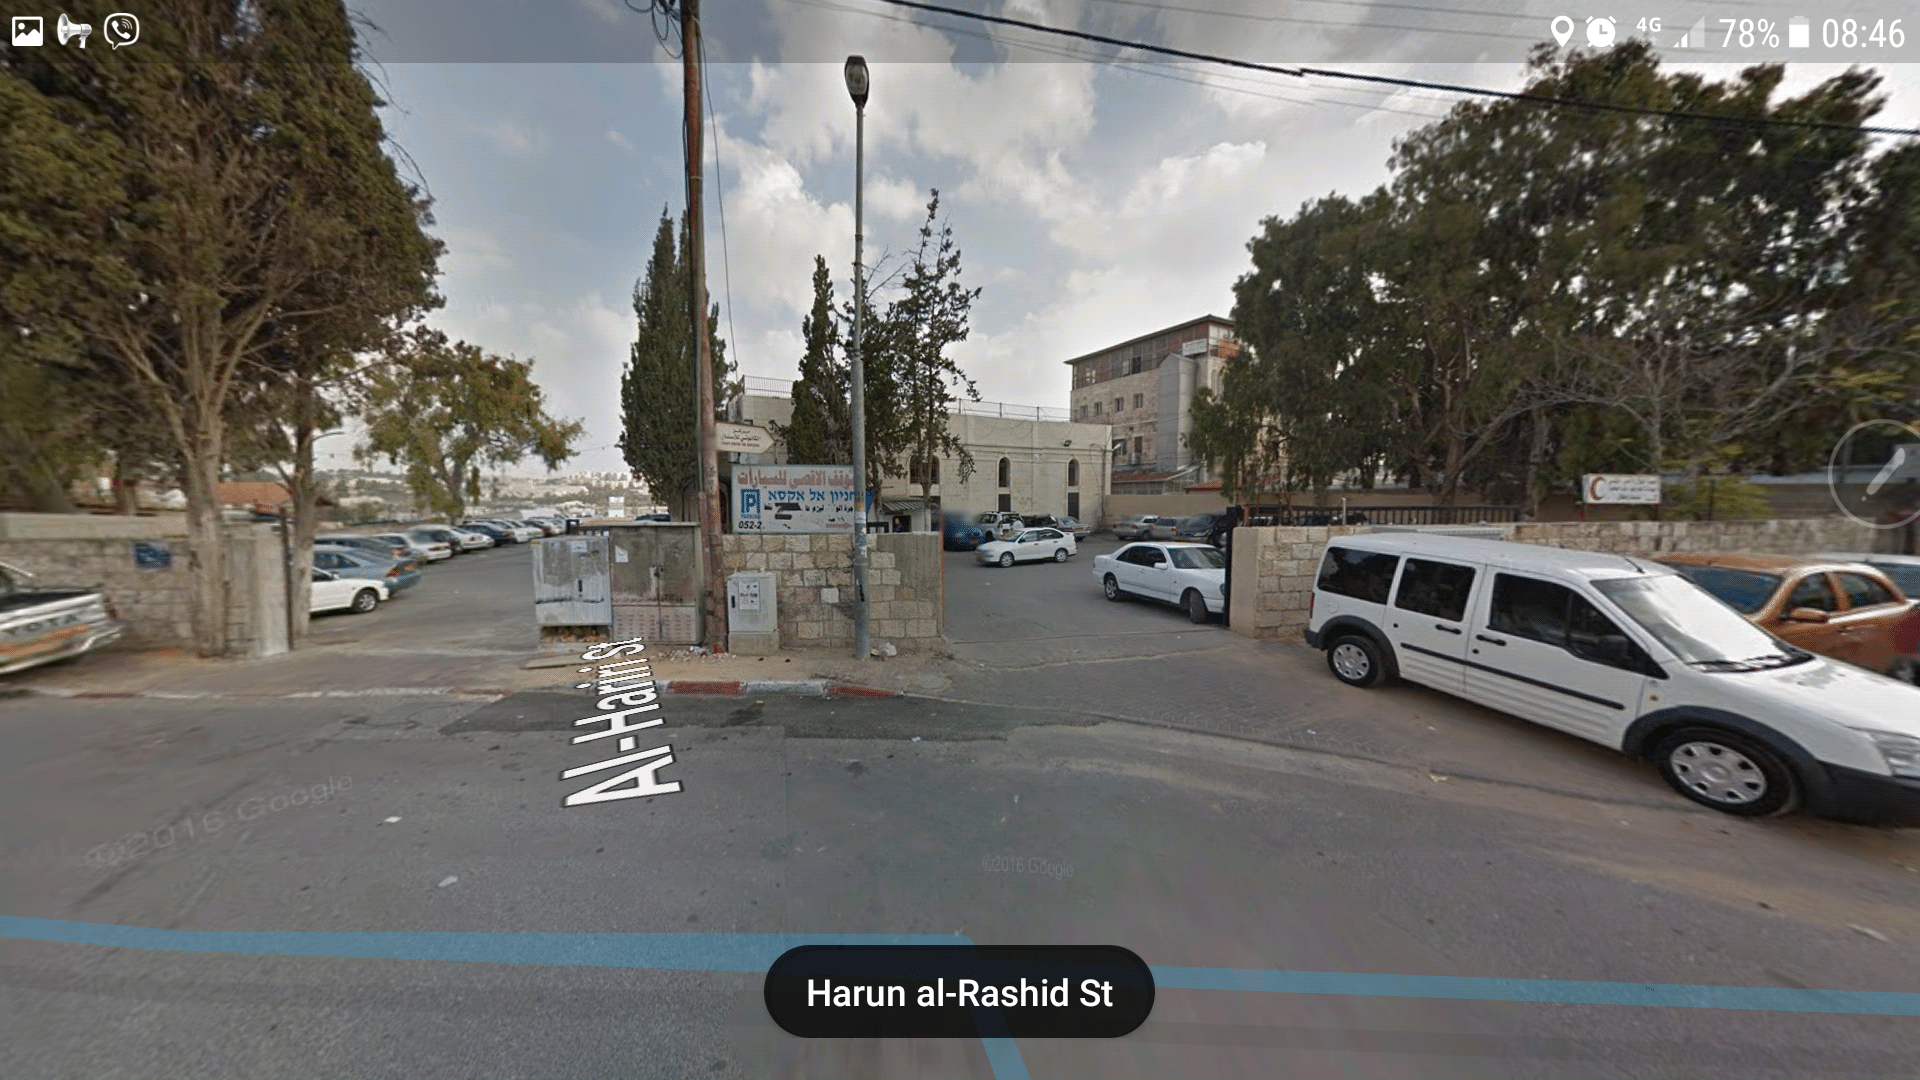 المسجد الأقصى - صورة لمدخل موقف الأقصى.المصدر: Google Maps